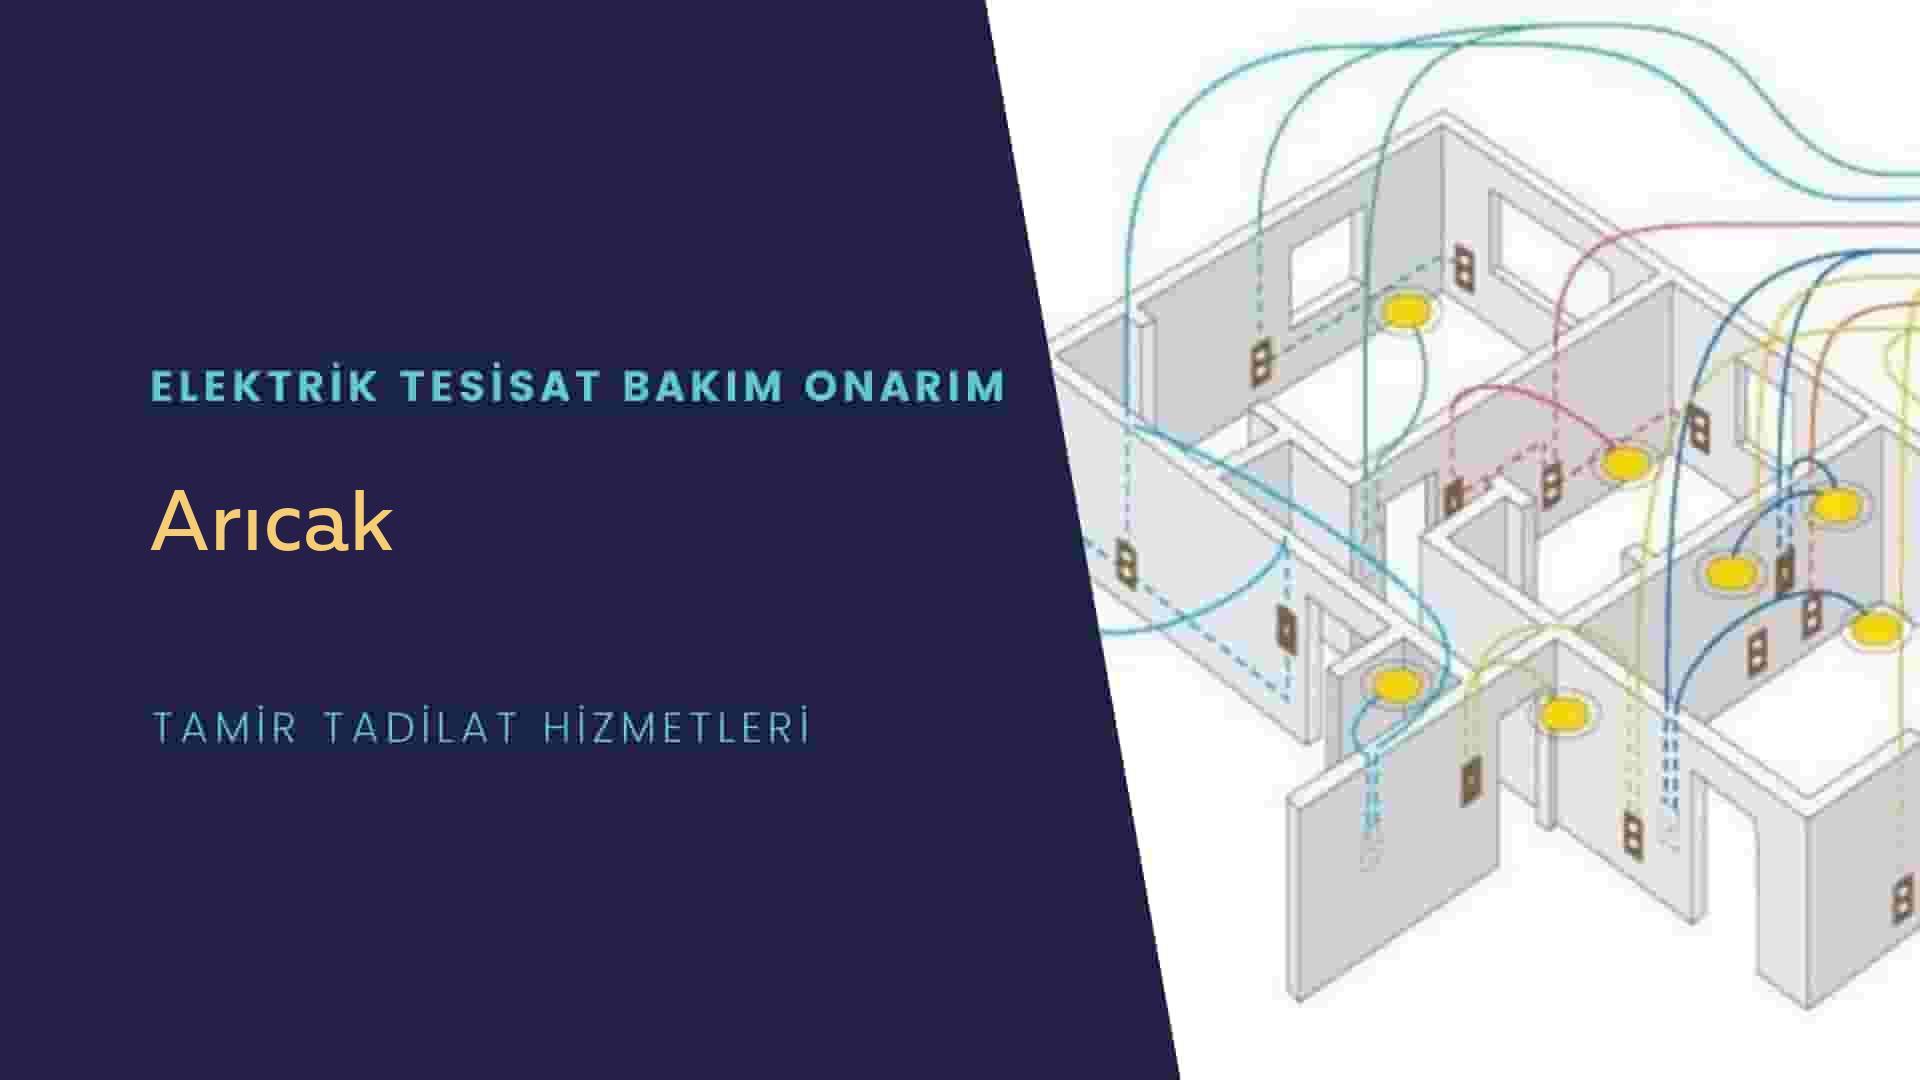 Arıcak'ta elektrik tesisatıustalarımı arıyorsunuz doğru adrestenizi Arıcak elektrik tesisatı ustalarımız 7/24 sizlere hizmet vermekten mutluluk duyar.